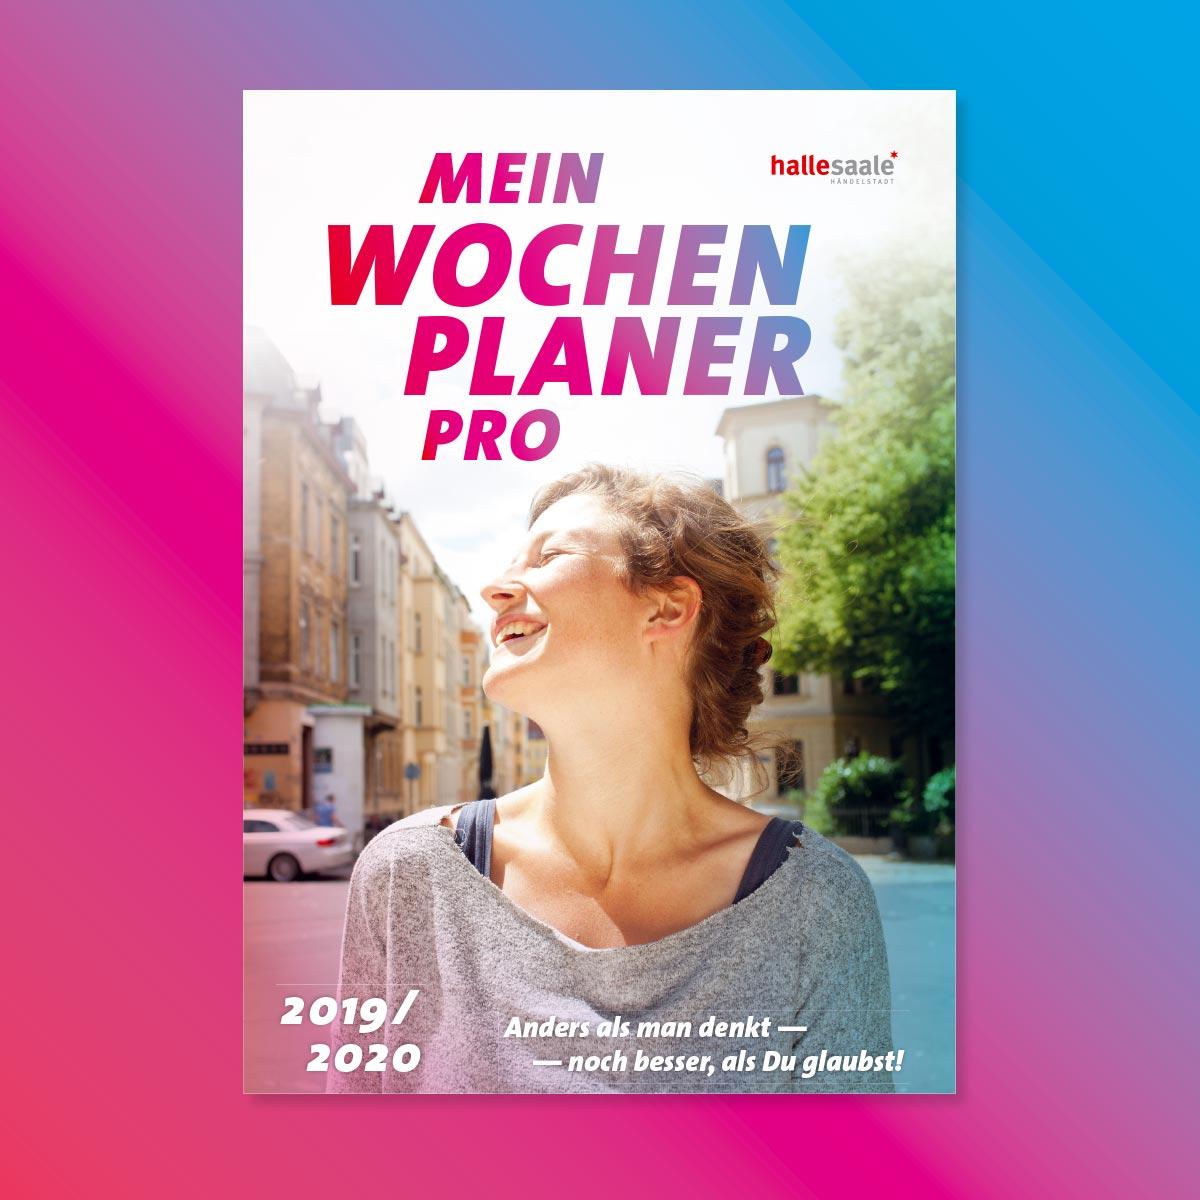 Stadtmarketing Halle (Saale): Wochenplaner Pro für Studieninteressierte – Titel 2019 / 2020